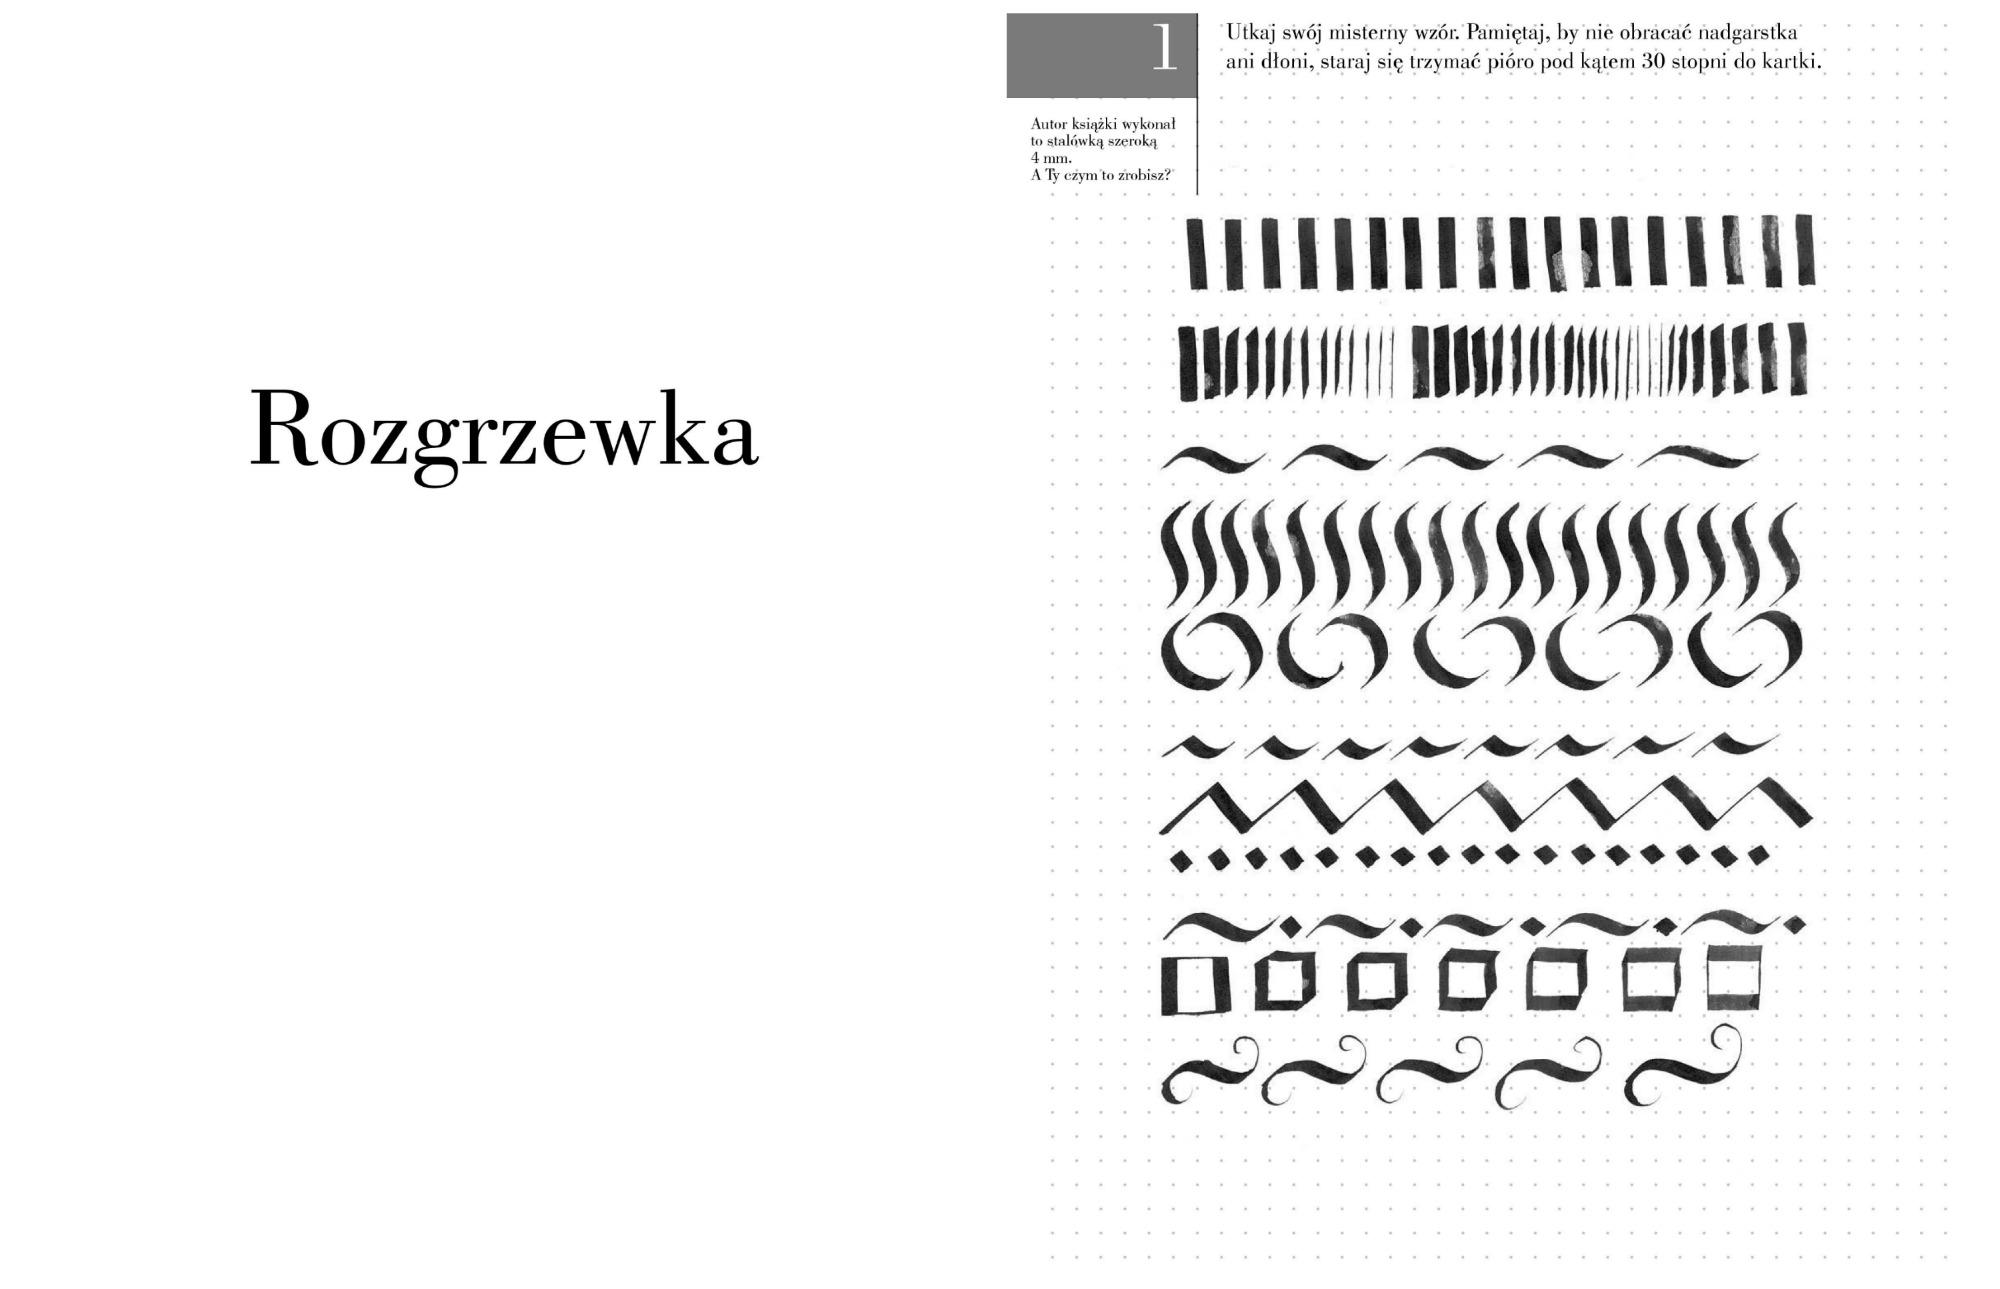 Fragment książki Grzegorza Barasińskiego 'Kaligrafia' (fot. materiały prasowe)